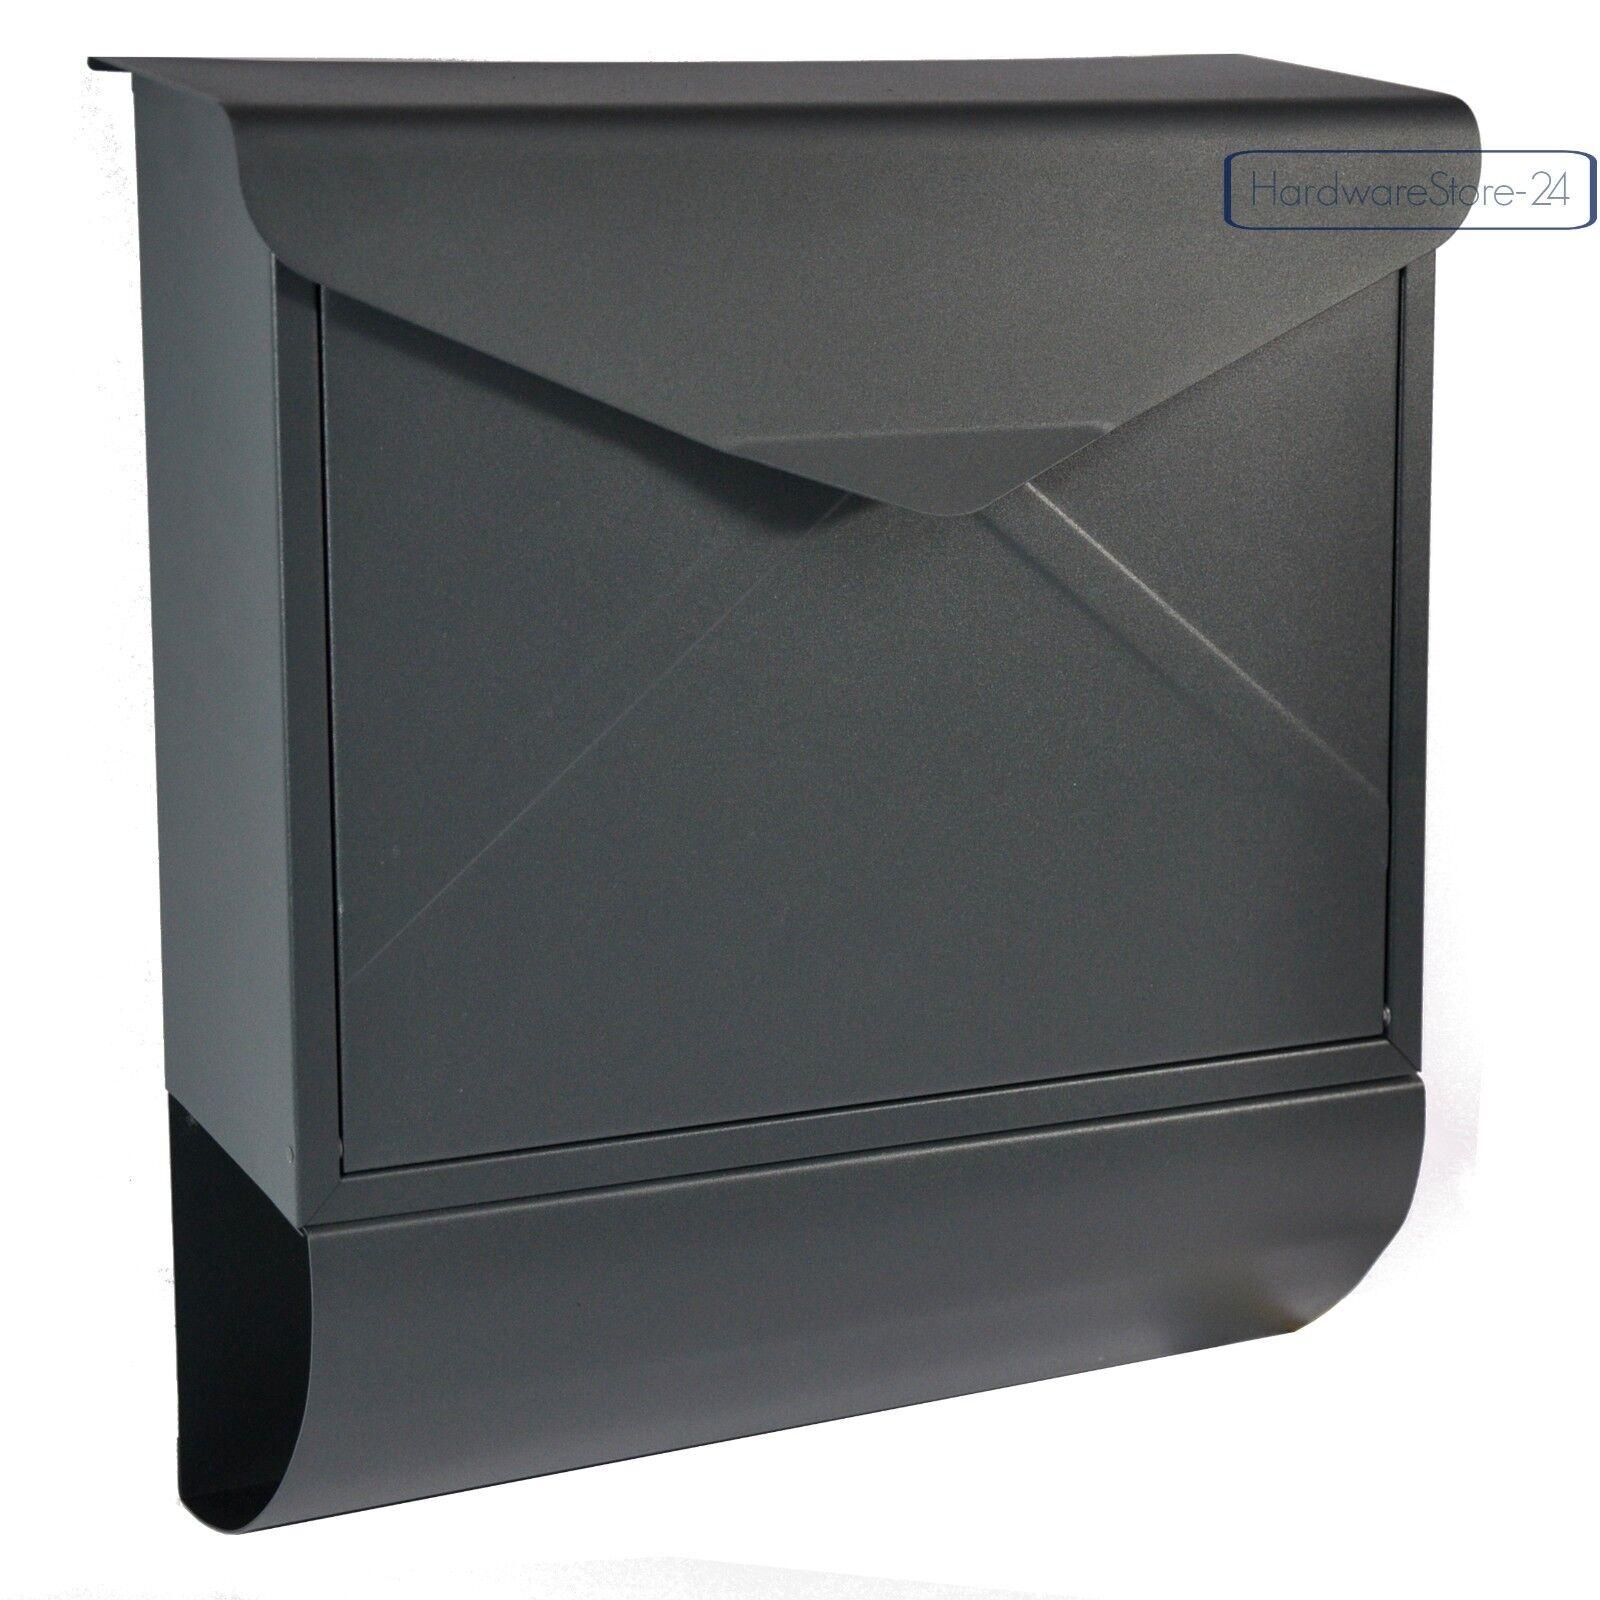 Designer Briefkasten Wandbriefkasten Postkasten Zeitungsrolle anthrazit RAL 7016